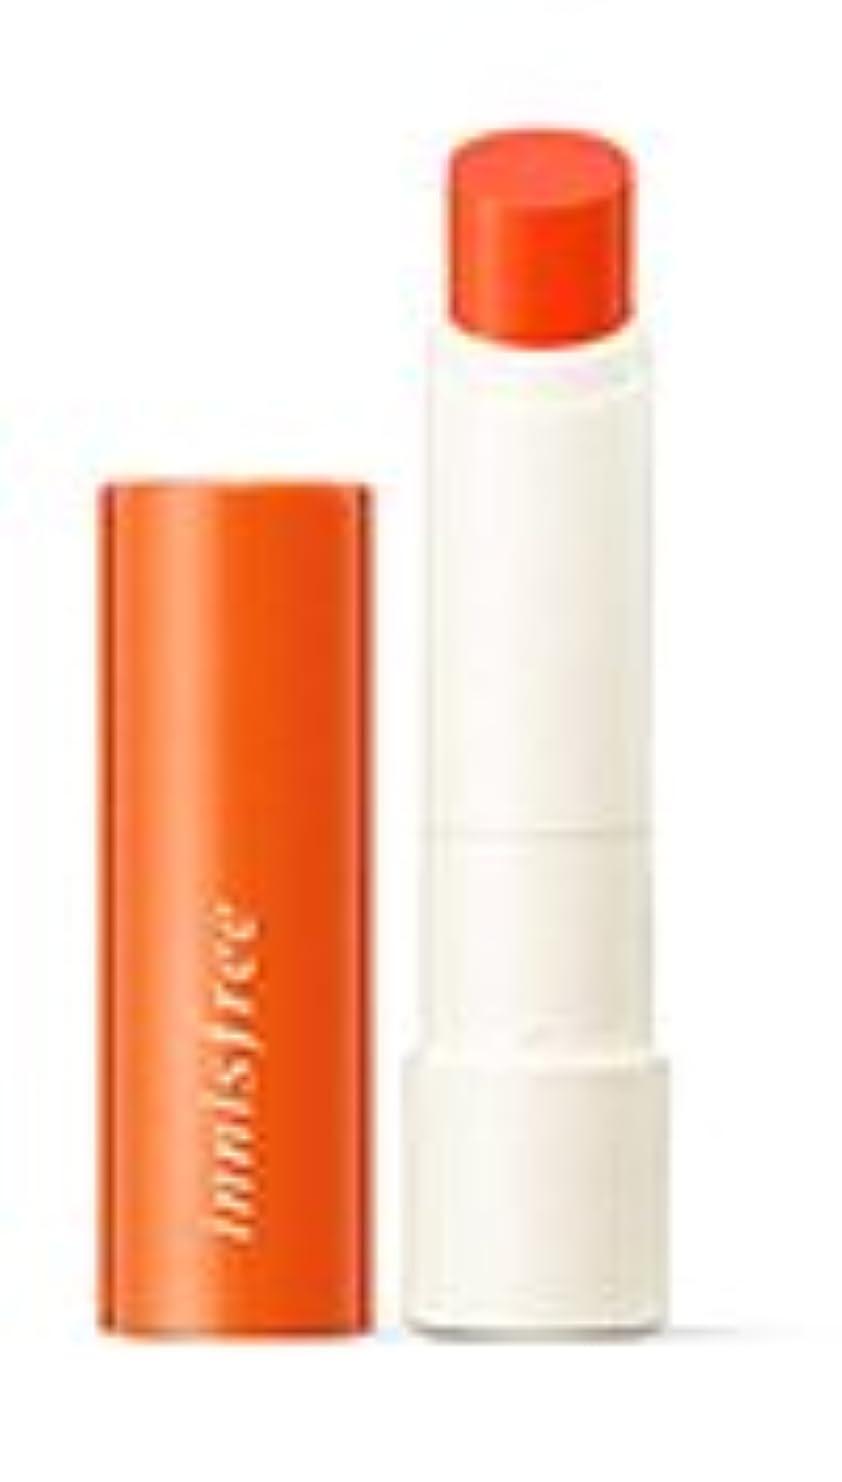 時代遅れ楽しむガス[innisfree] Glow tint lip balm 3.5g/[イニスフリー]グローティントリップバム3.5g (#4 キンセンカ) [並行輸入品]